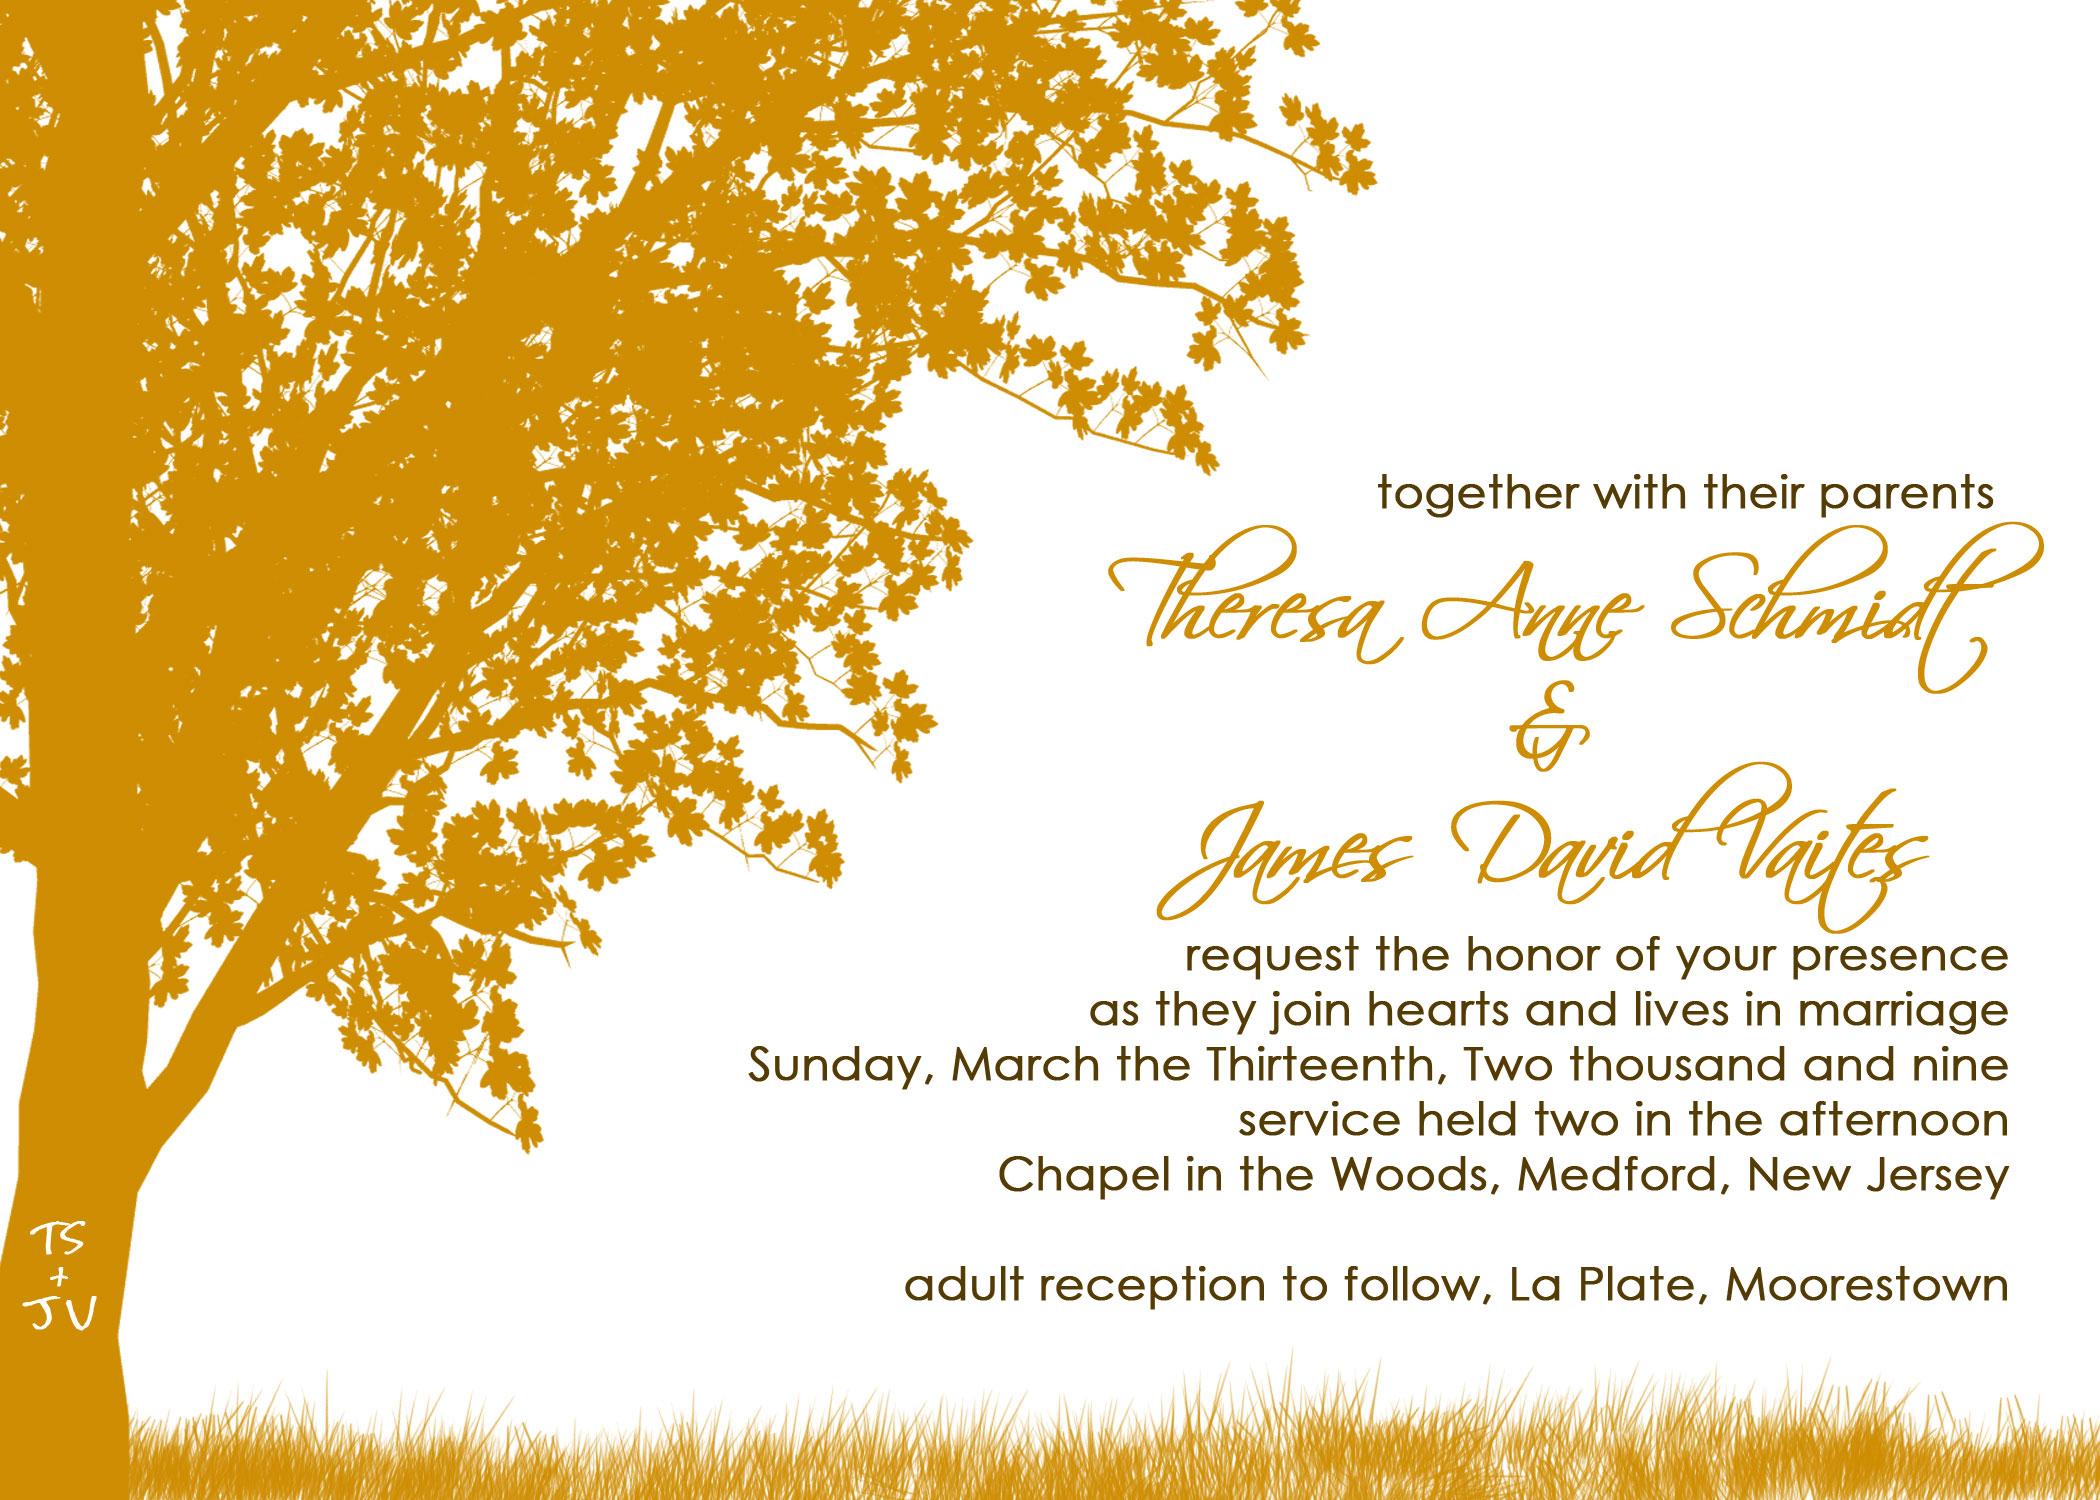 8 Invitation Design Templates Images